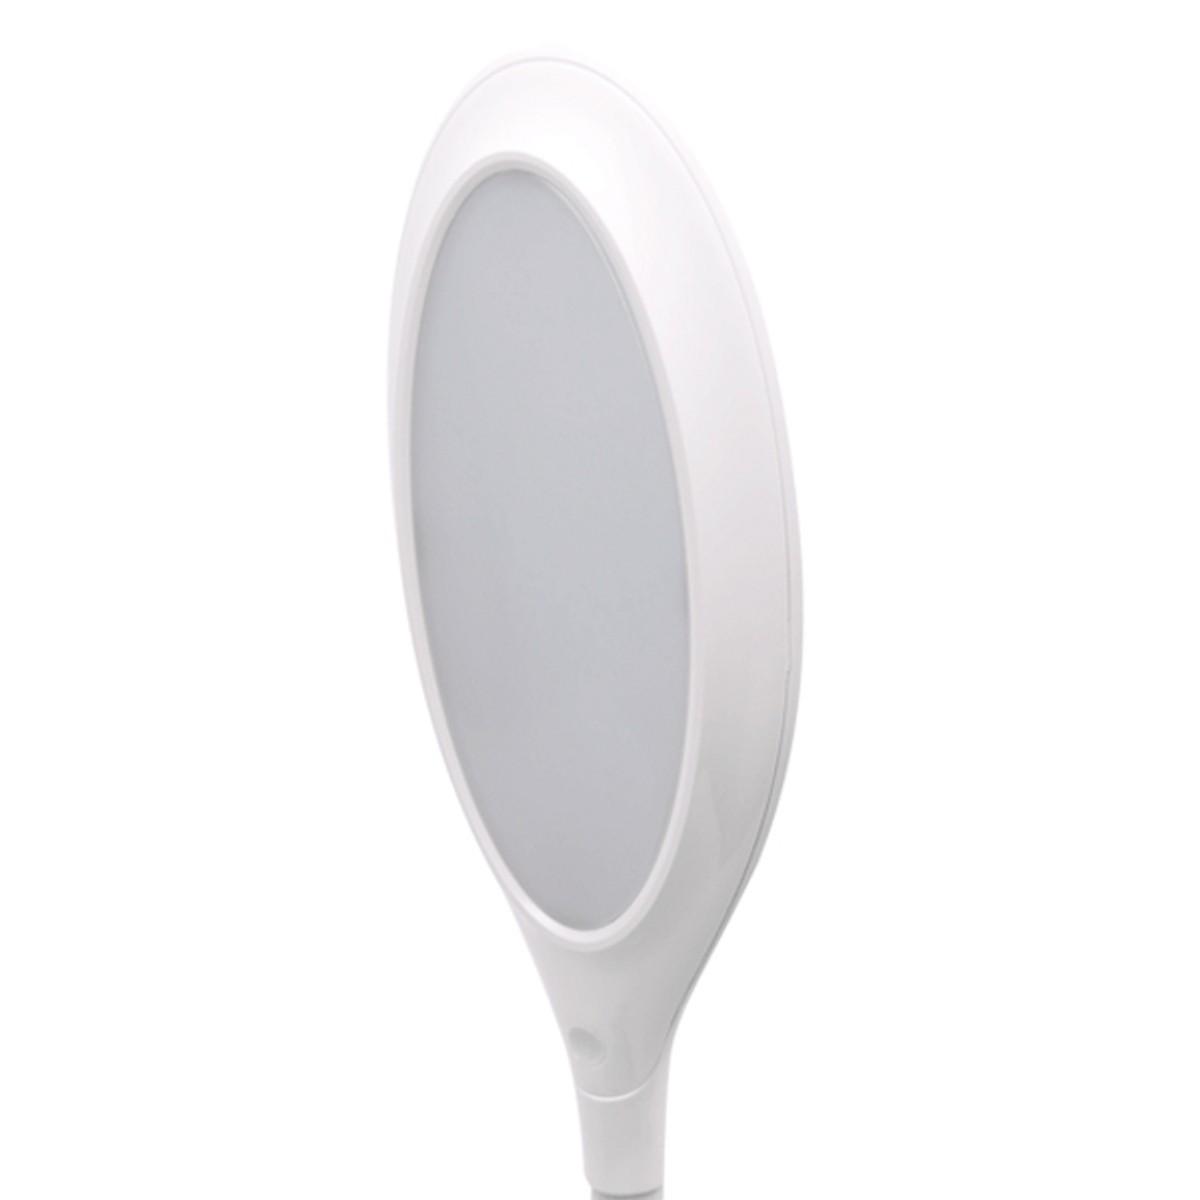 Đèn Bàn Sunhouse APEX APE-01LED (Trắng) - Chính Hãng